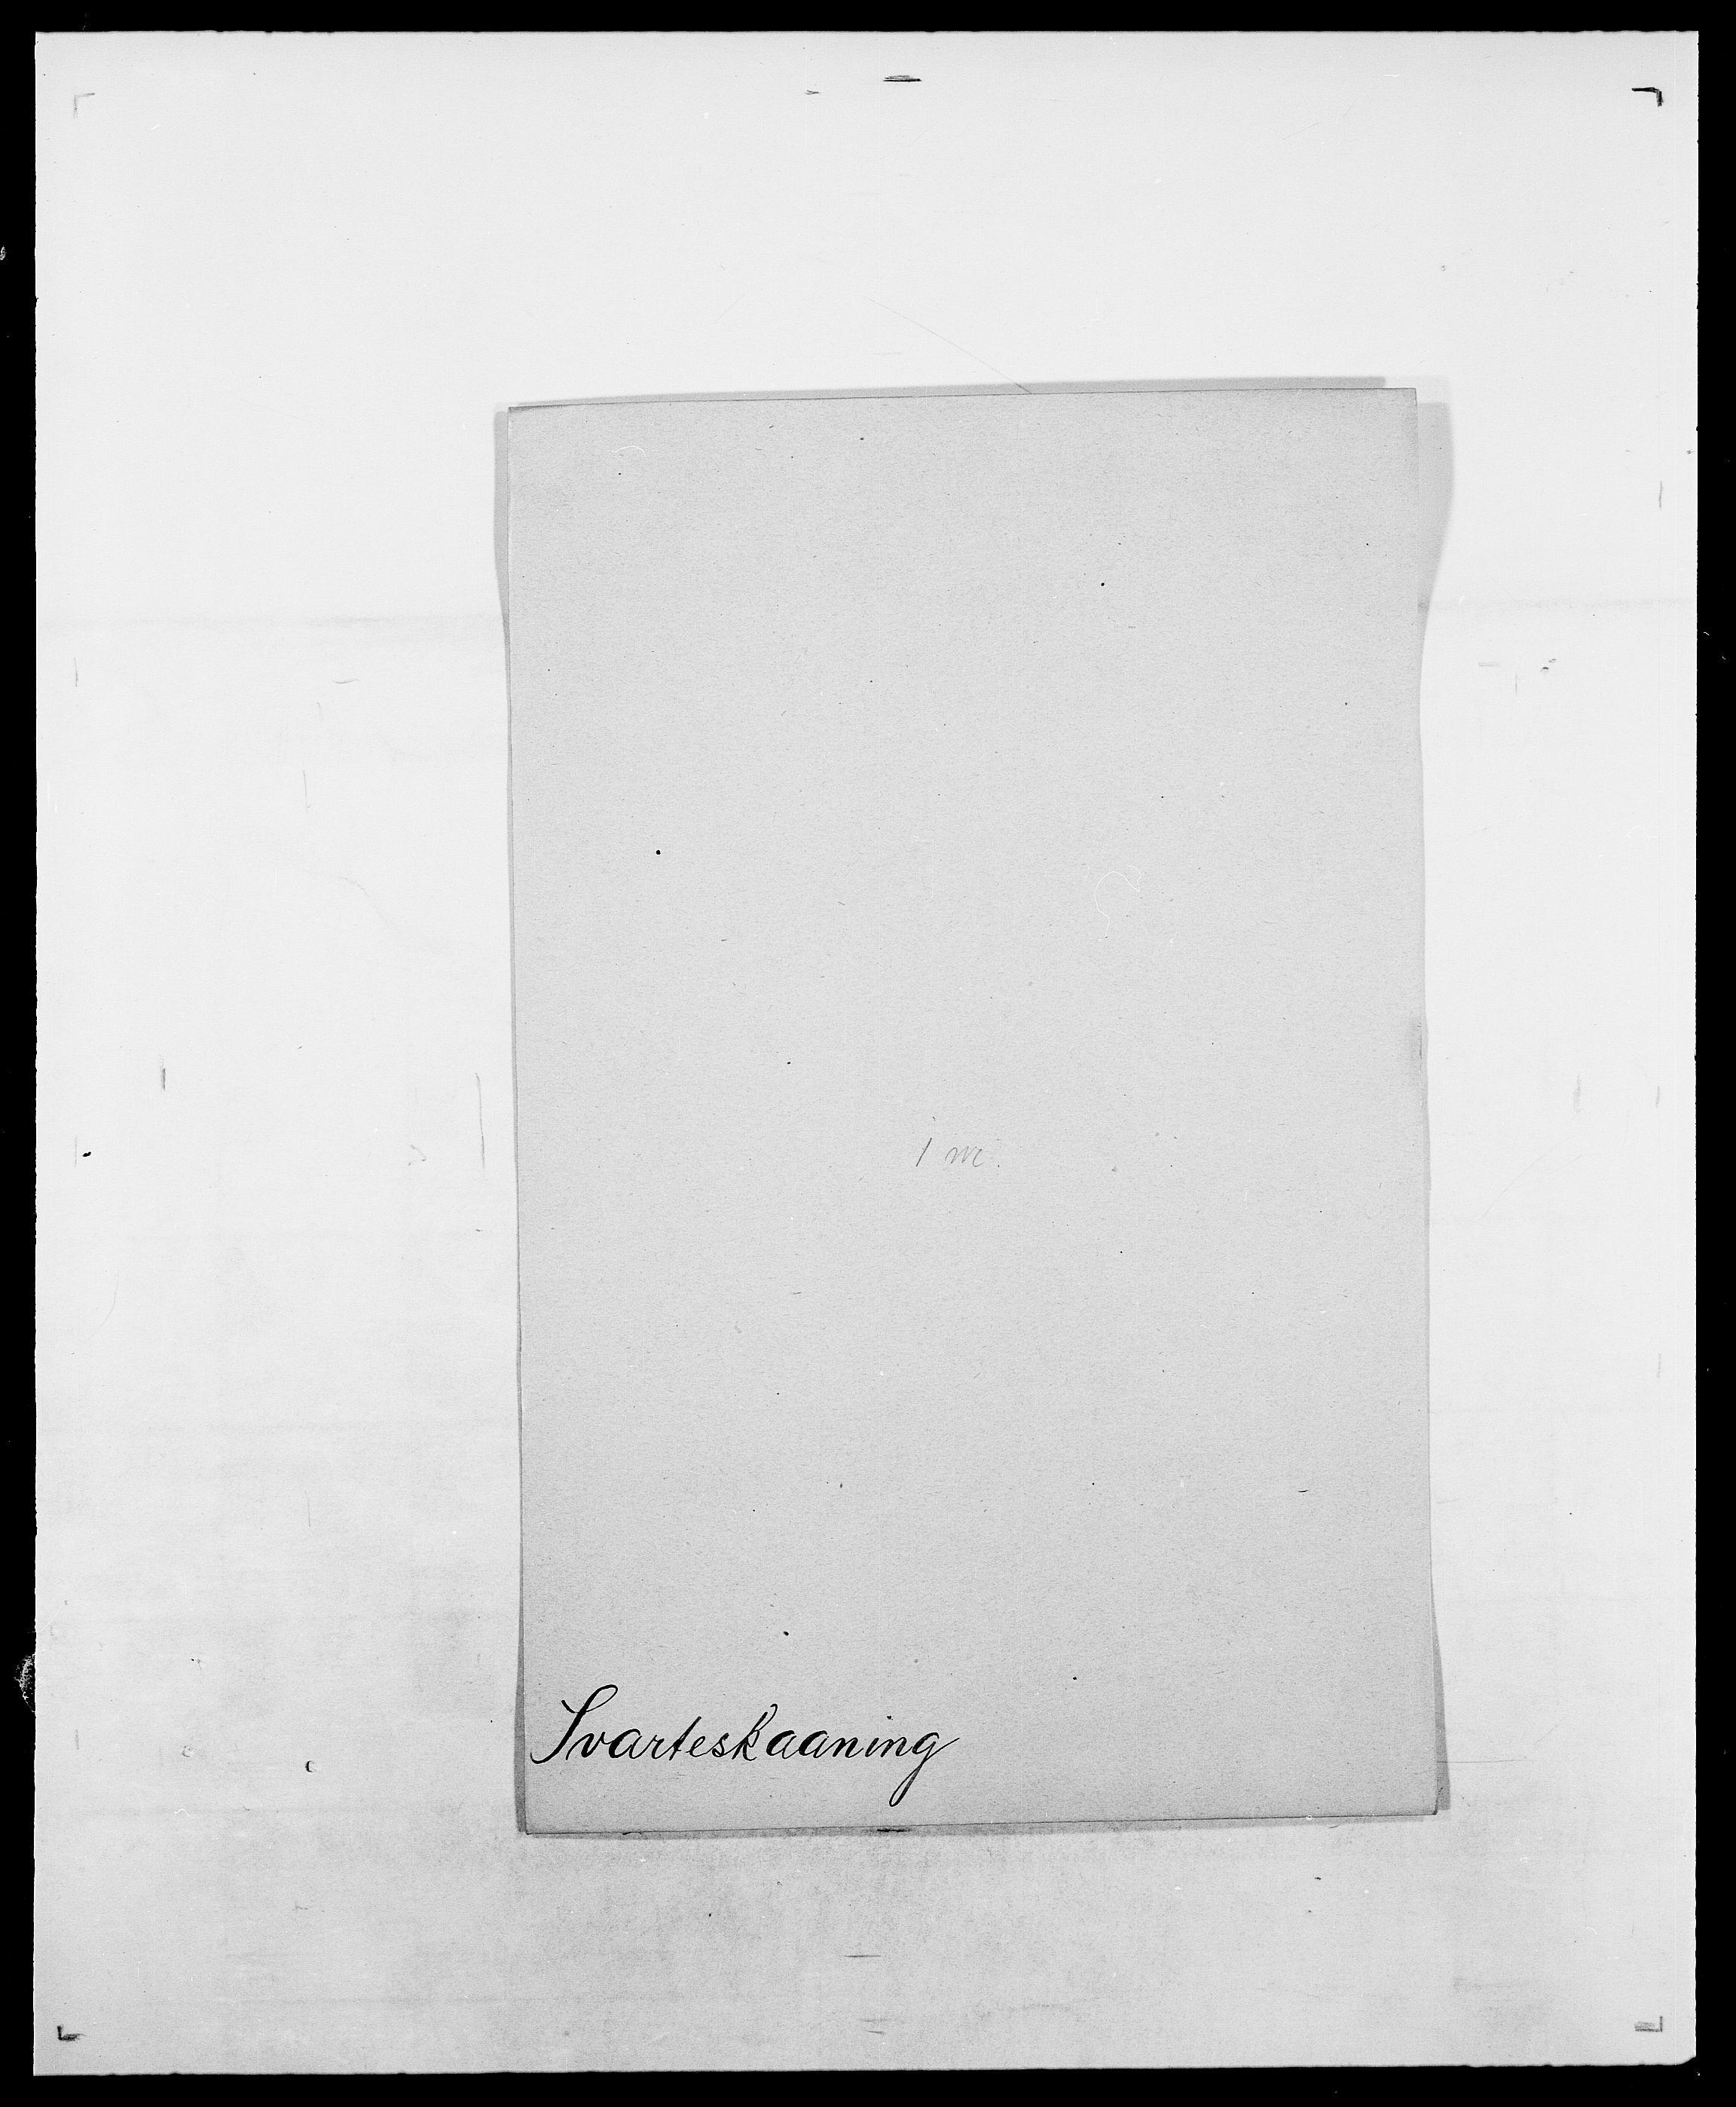 SAO, Delgobe, Charles Antoine - samling, D/Da/L0038: Svanenskjold - Thornsohn, s. 25